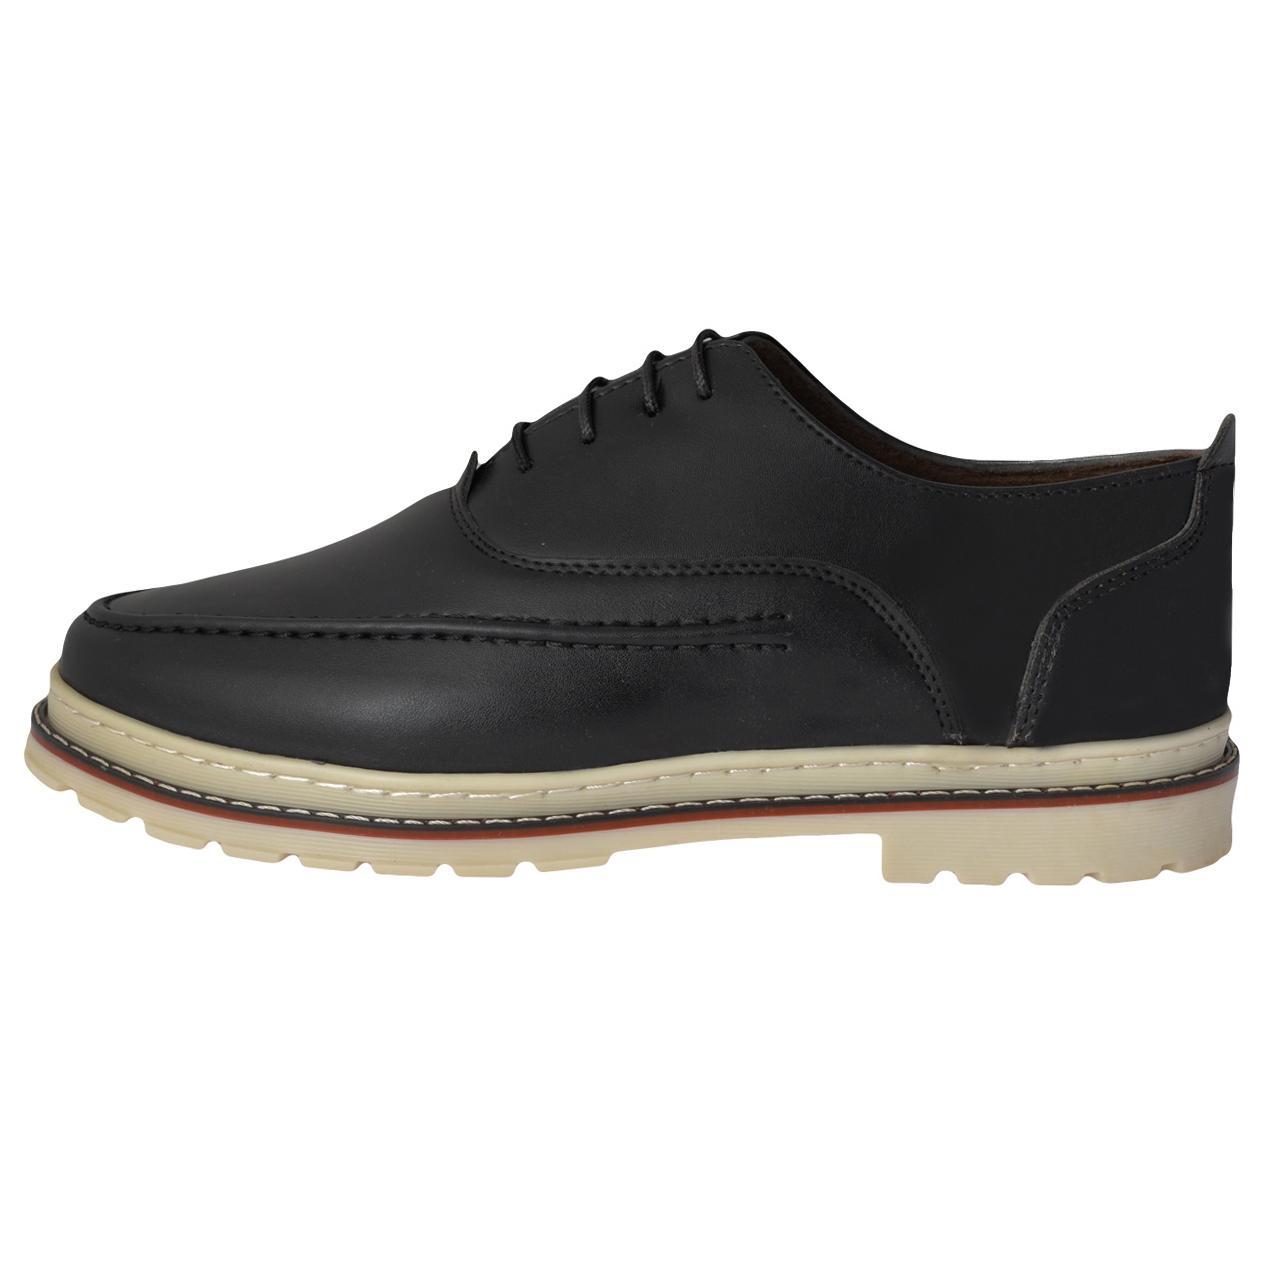 کفش مردانه کد 324662002